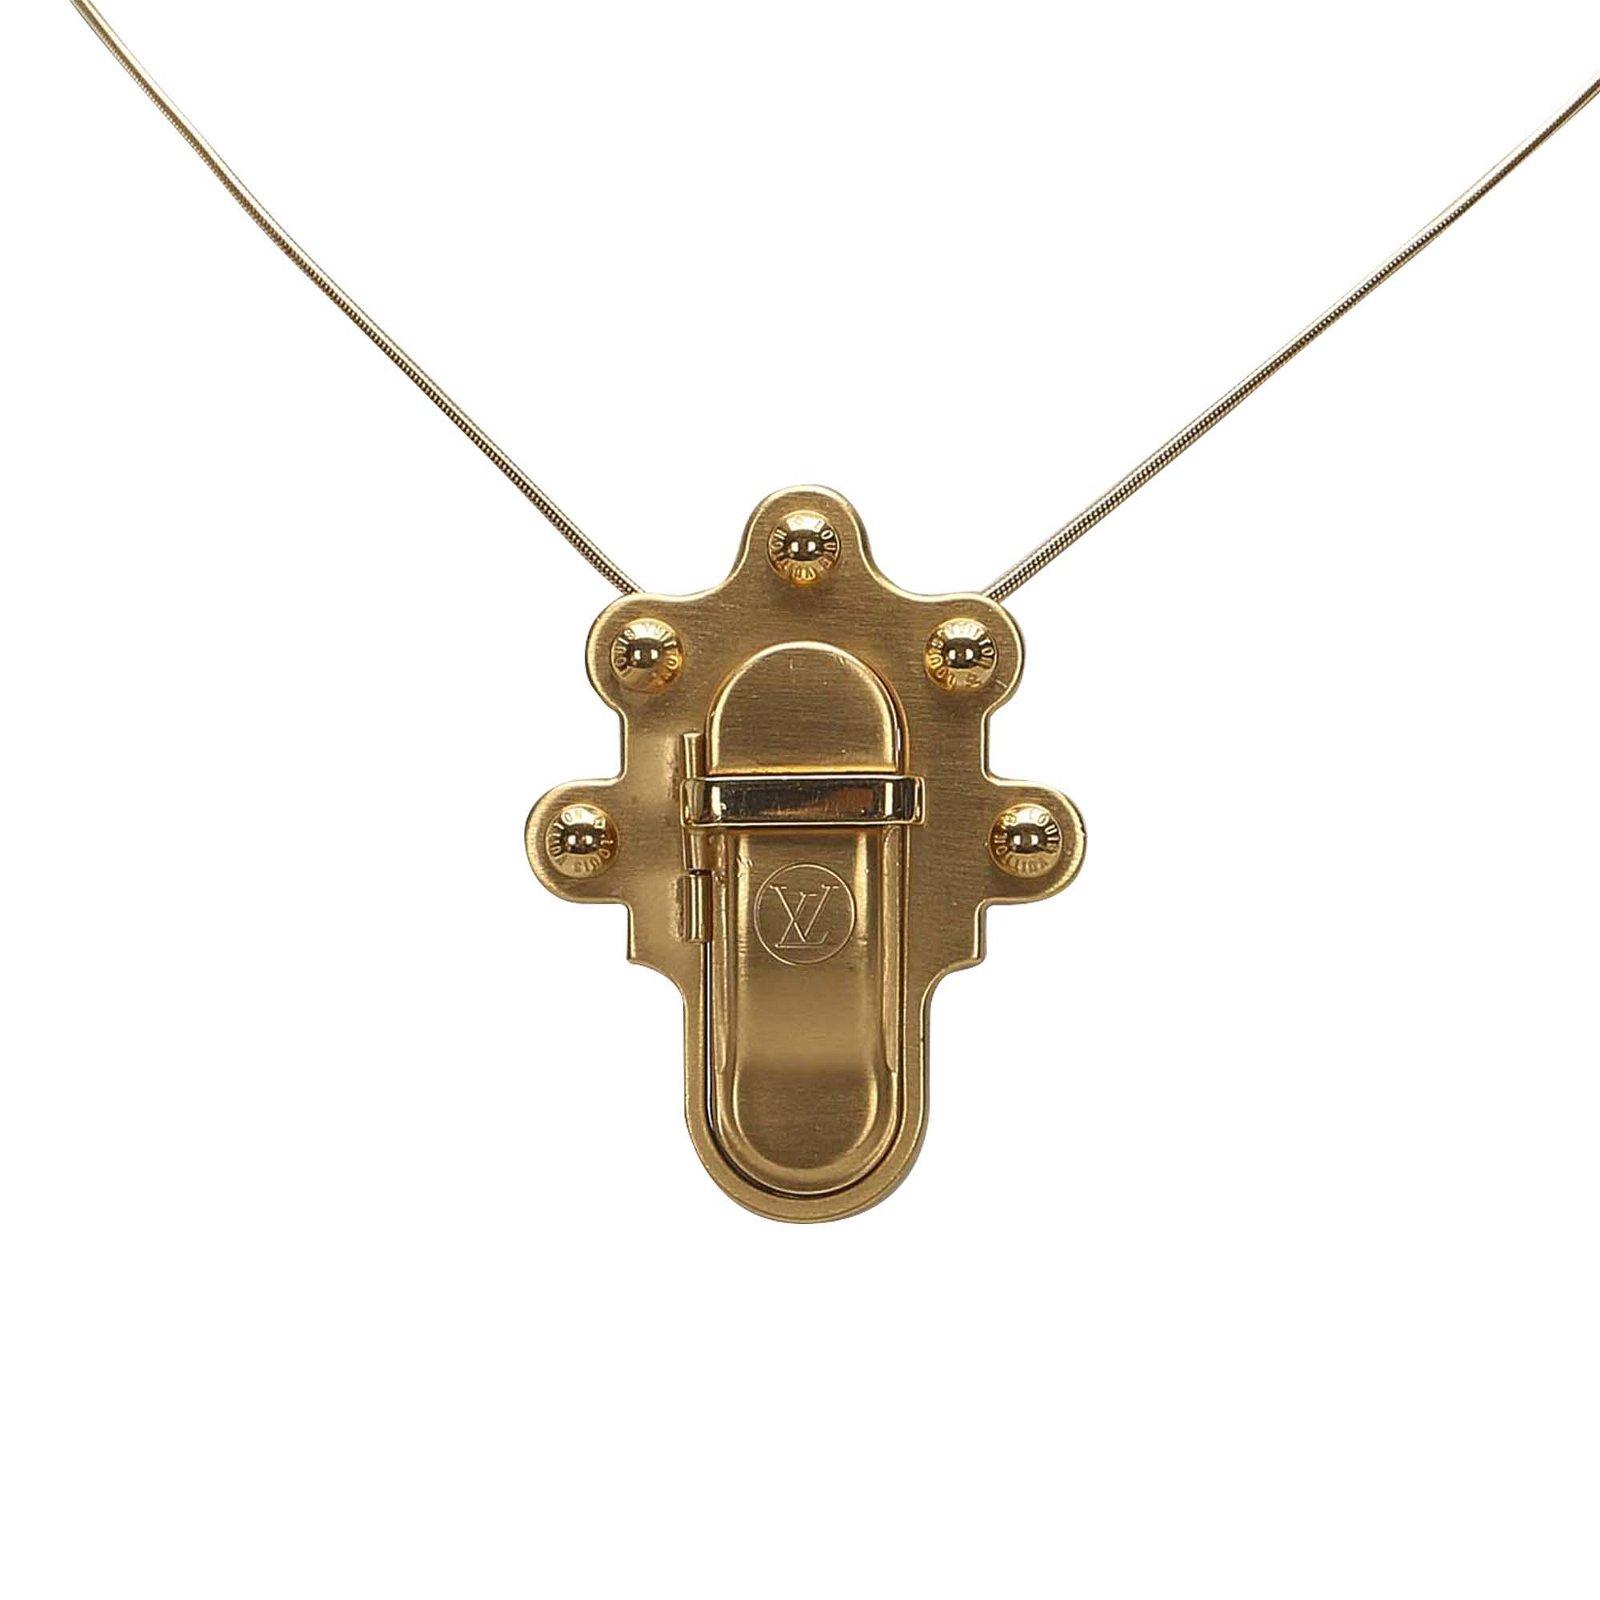 Authentic Louis Vuitton Trunk Lock Necklace